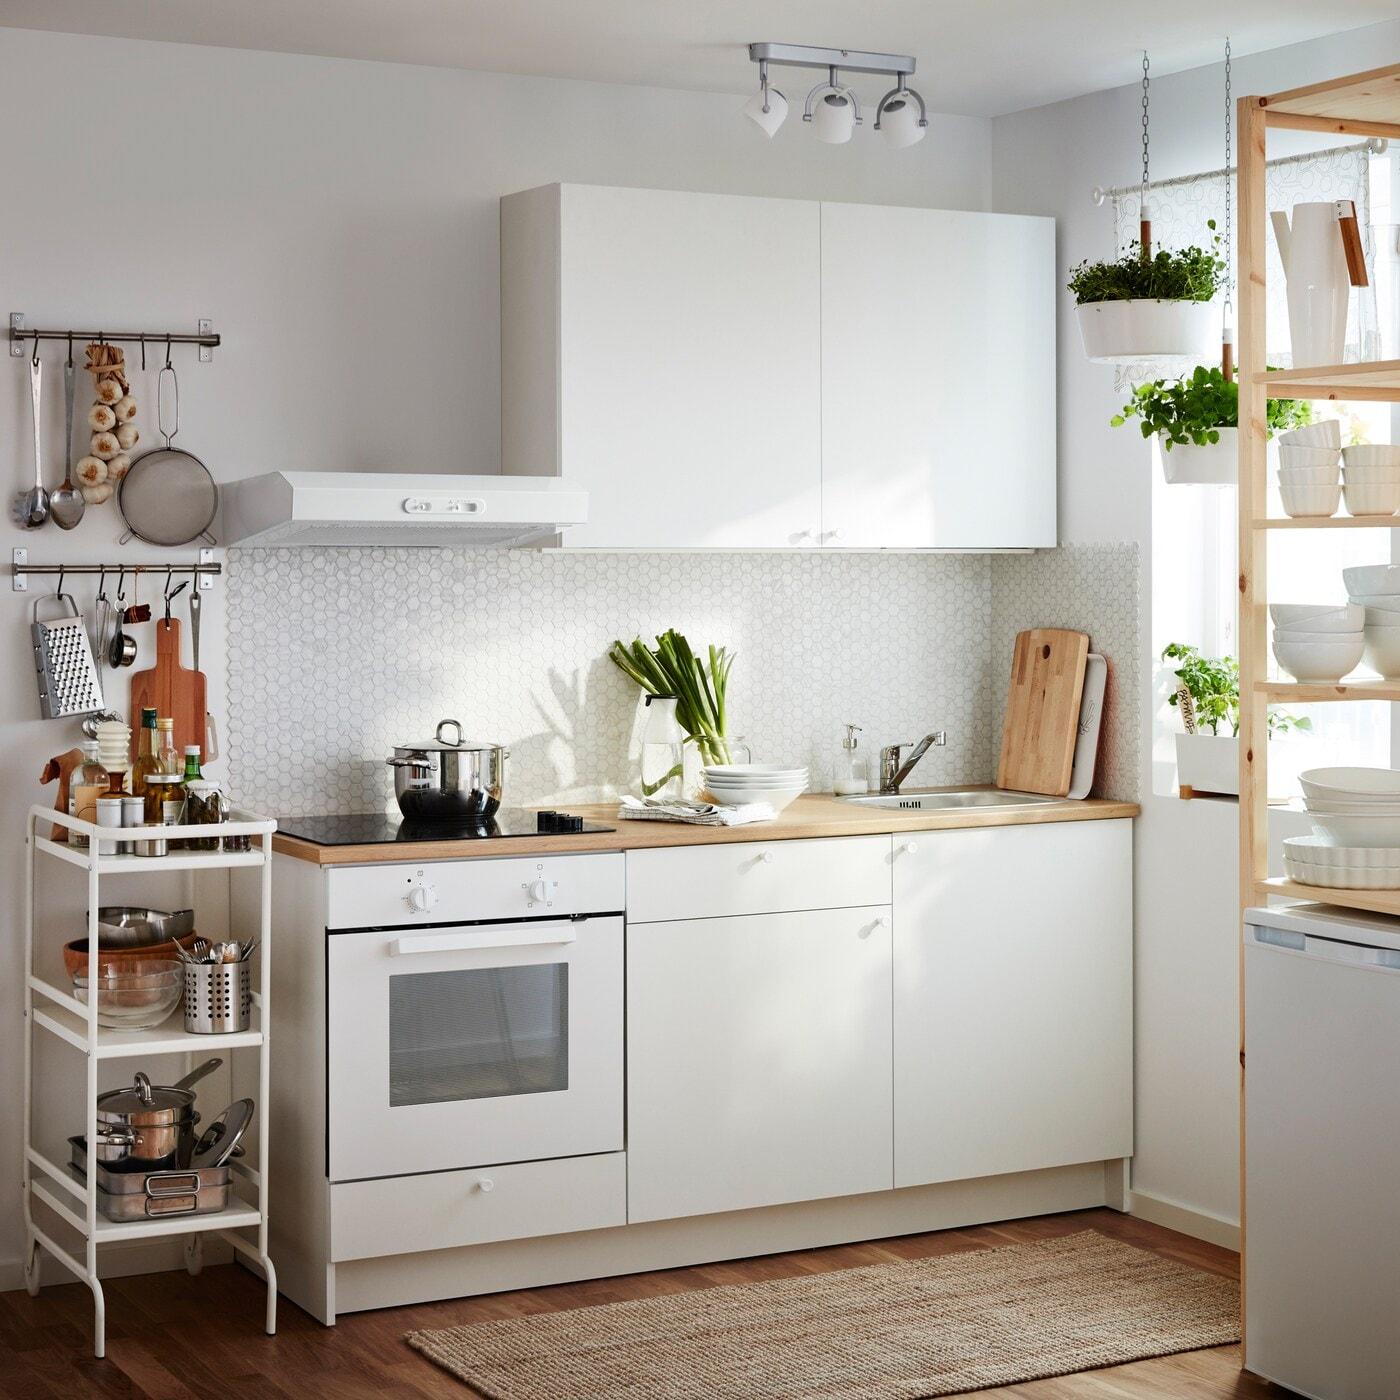 Икеа картинки кухни